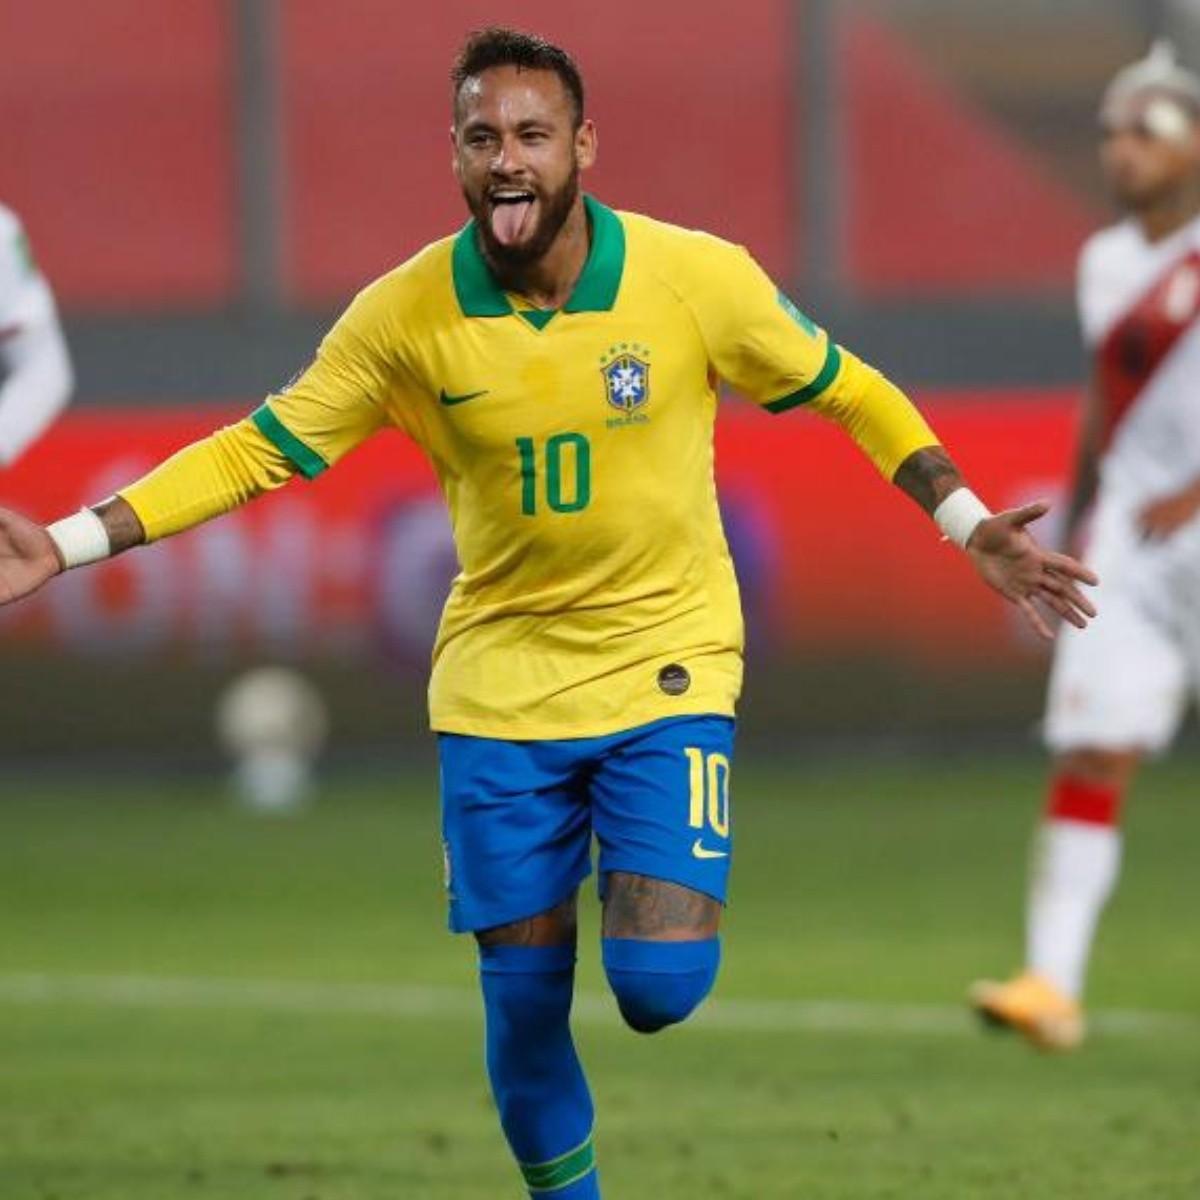 Peru Vs Brasil Eliminatorias Qatar 2022 Resultado Goles Tabla Y Los Detalles Del Partido Redgol